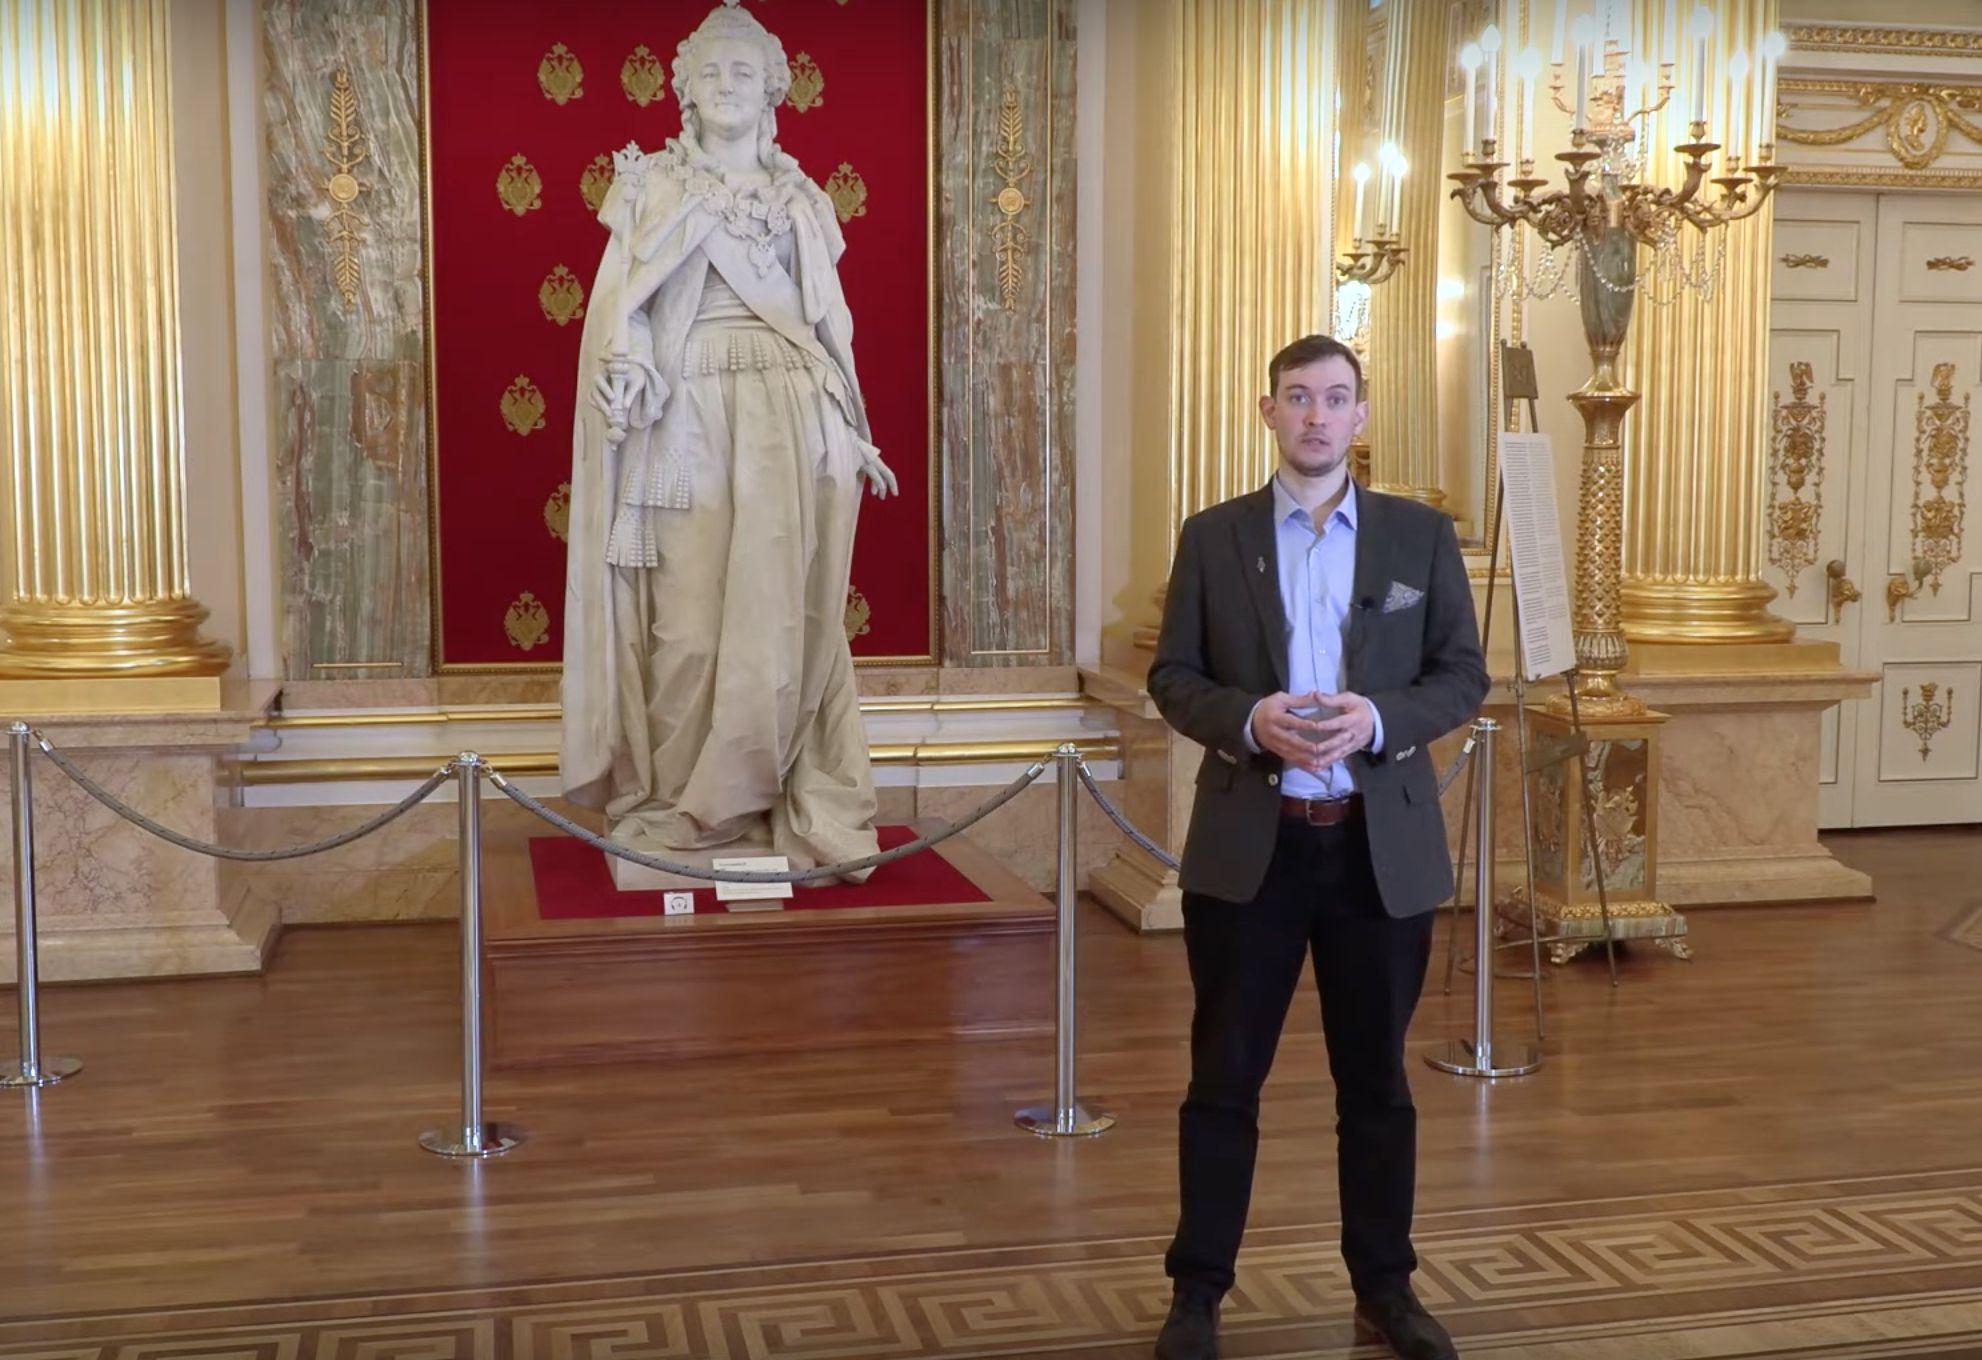 Любителей искусства пригласили на виртуальную экскурсию по Екатерининскому залу